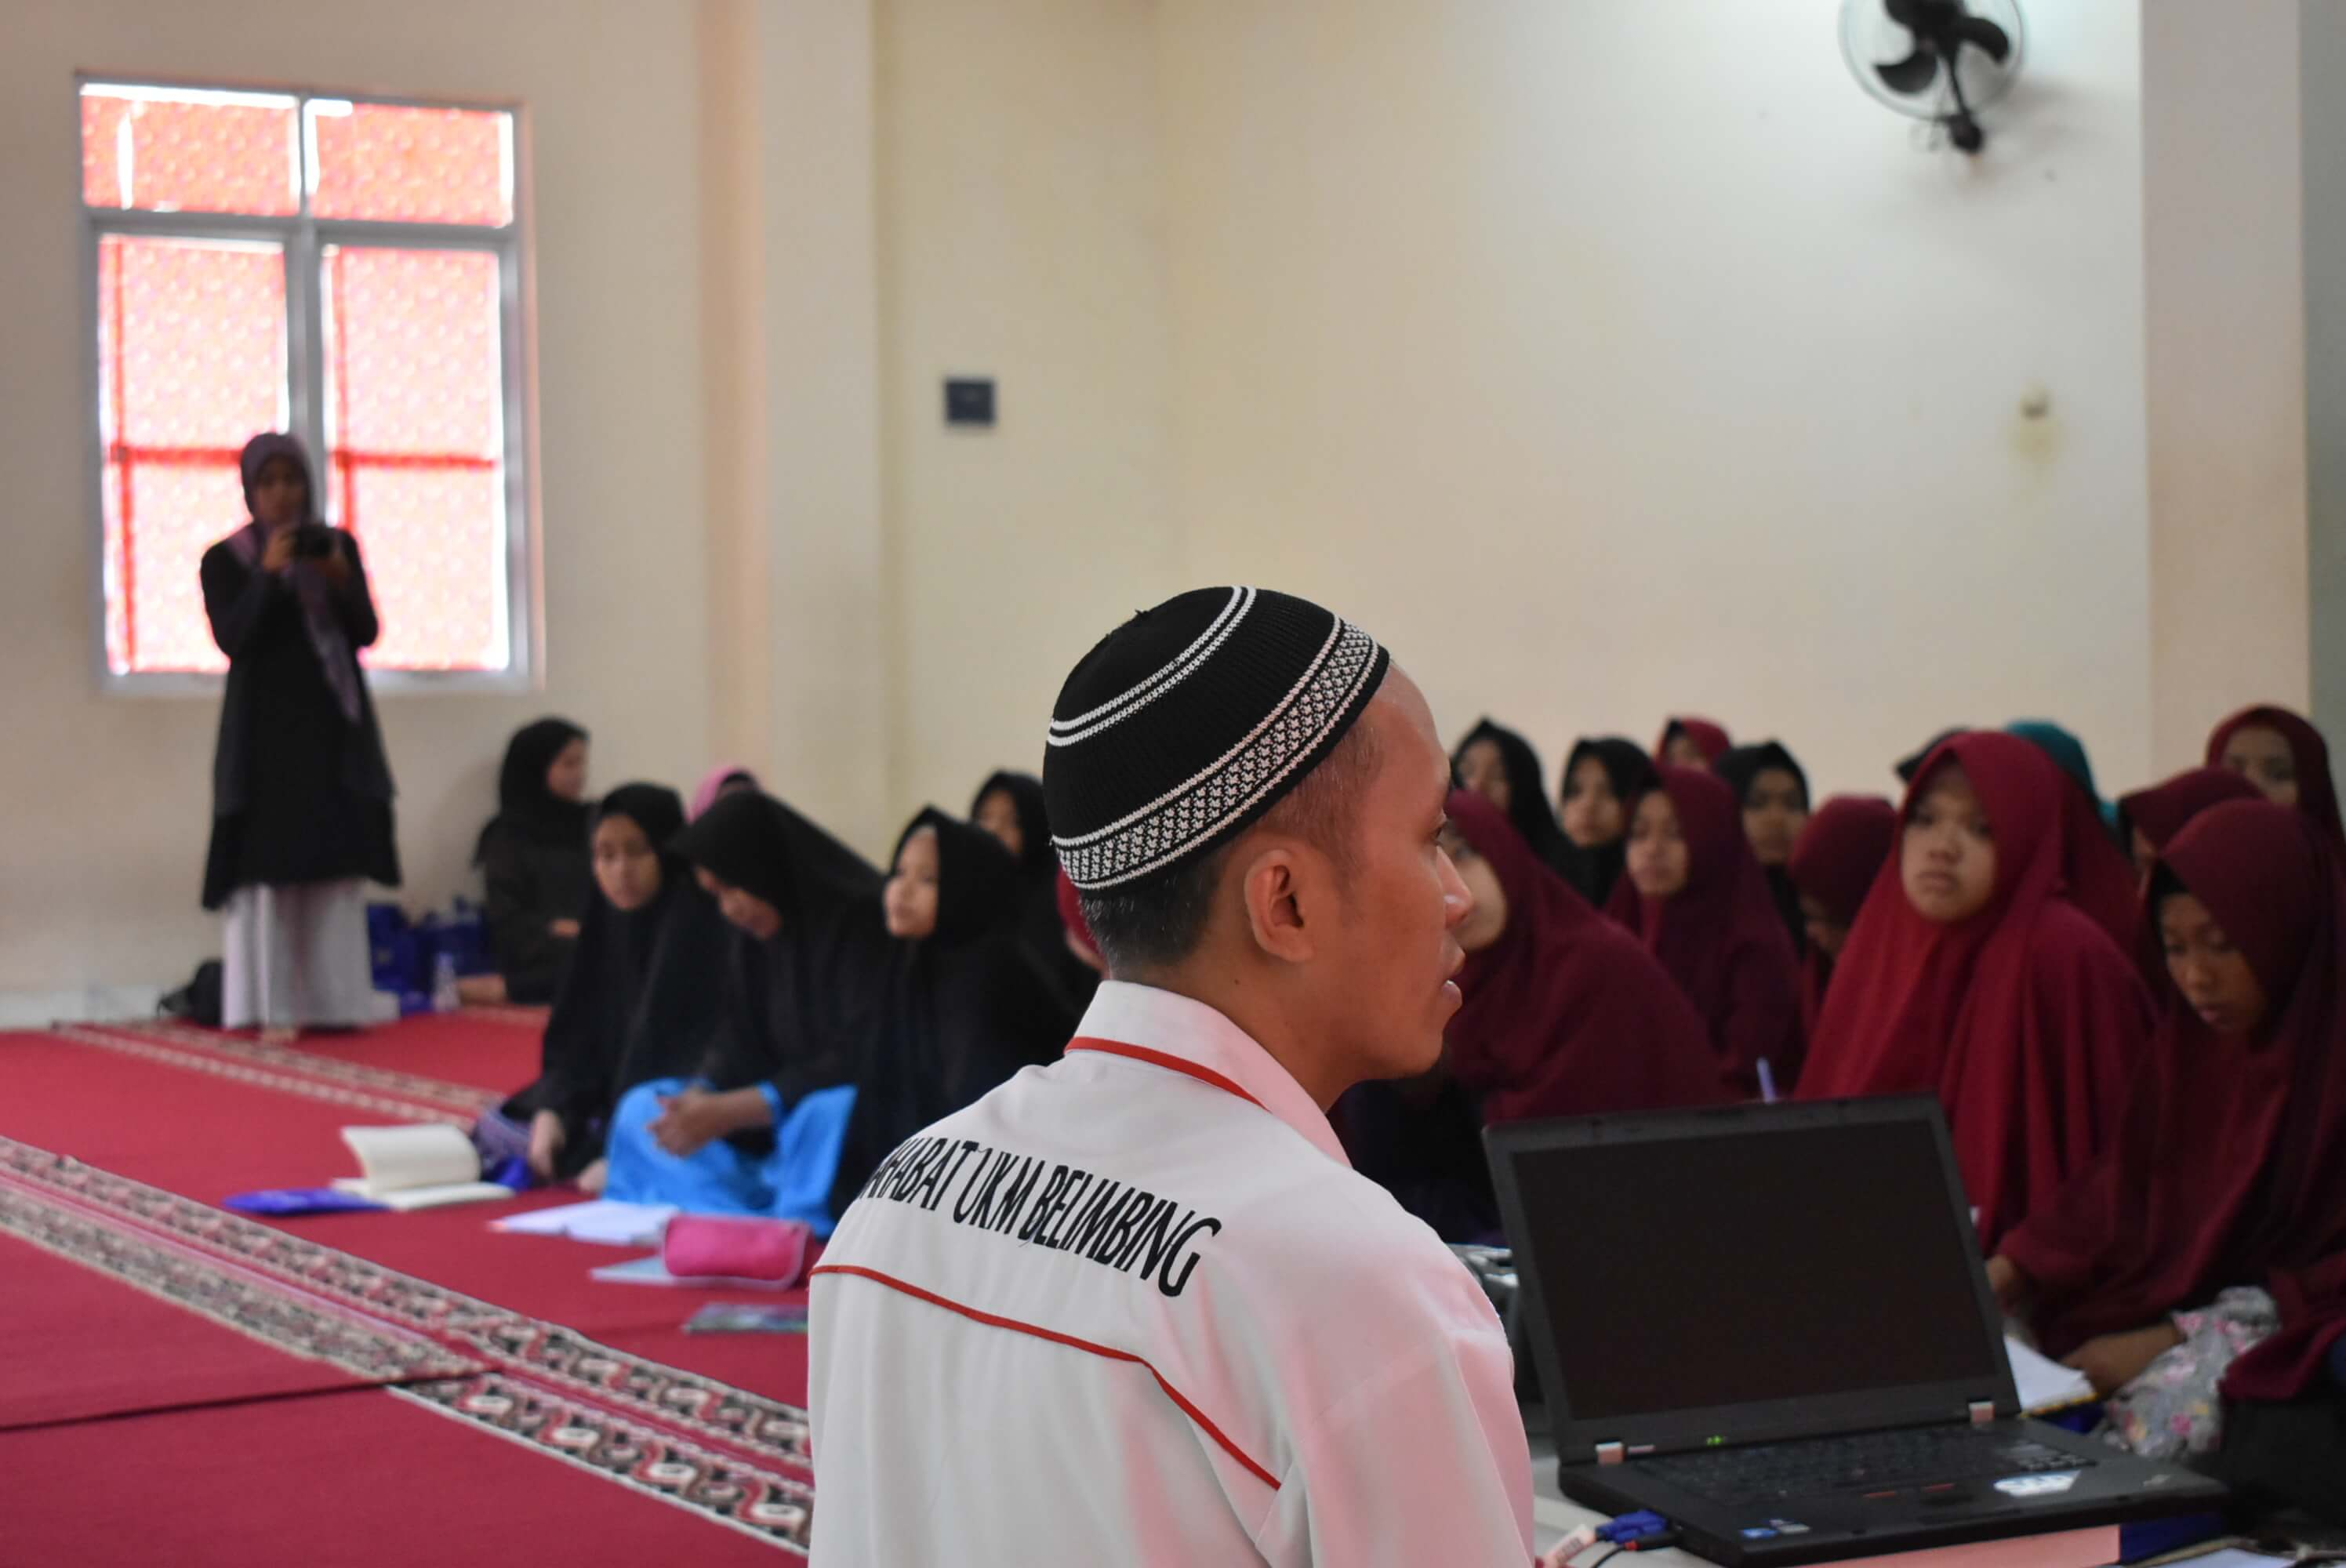 Berbagi Teknologi di Pondok Pesantren Umar bin Khattab